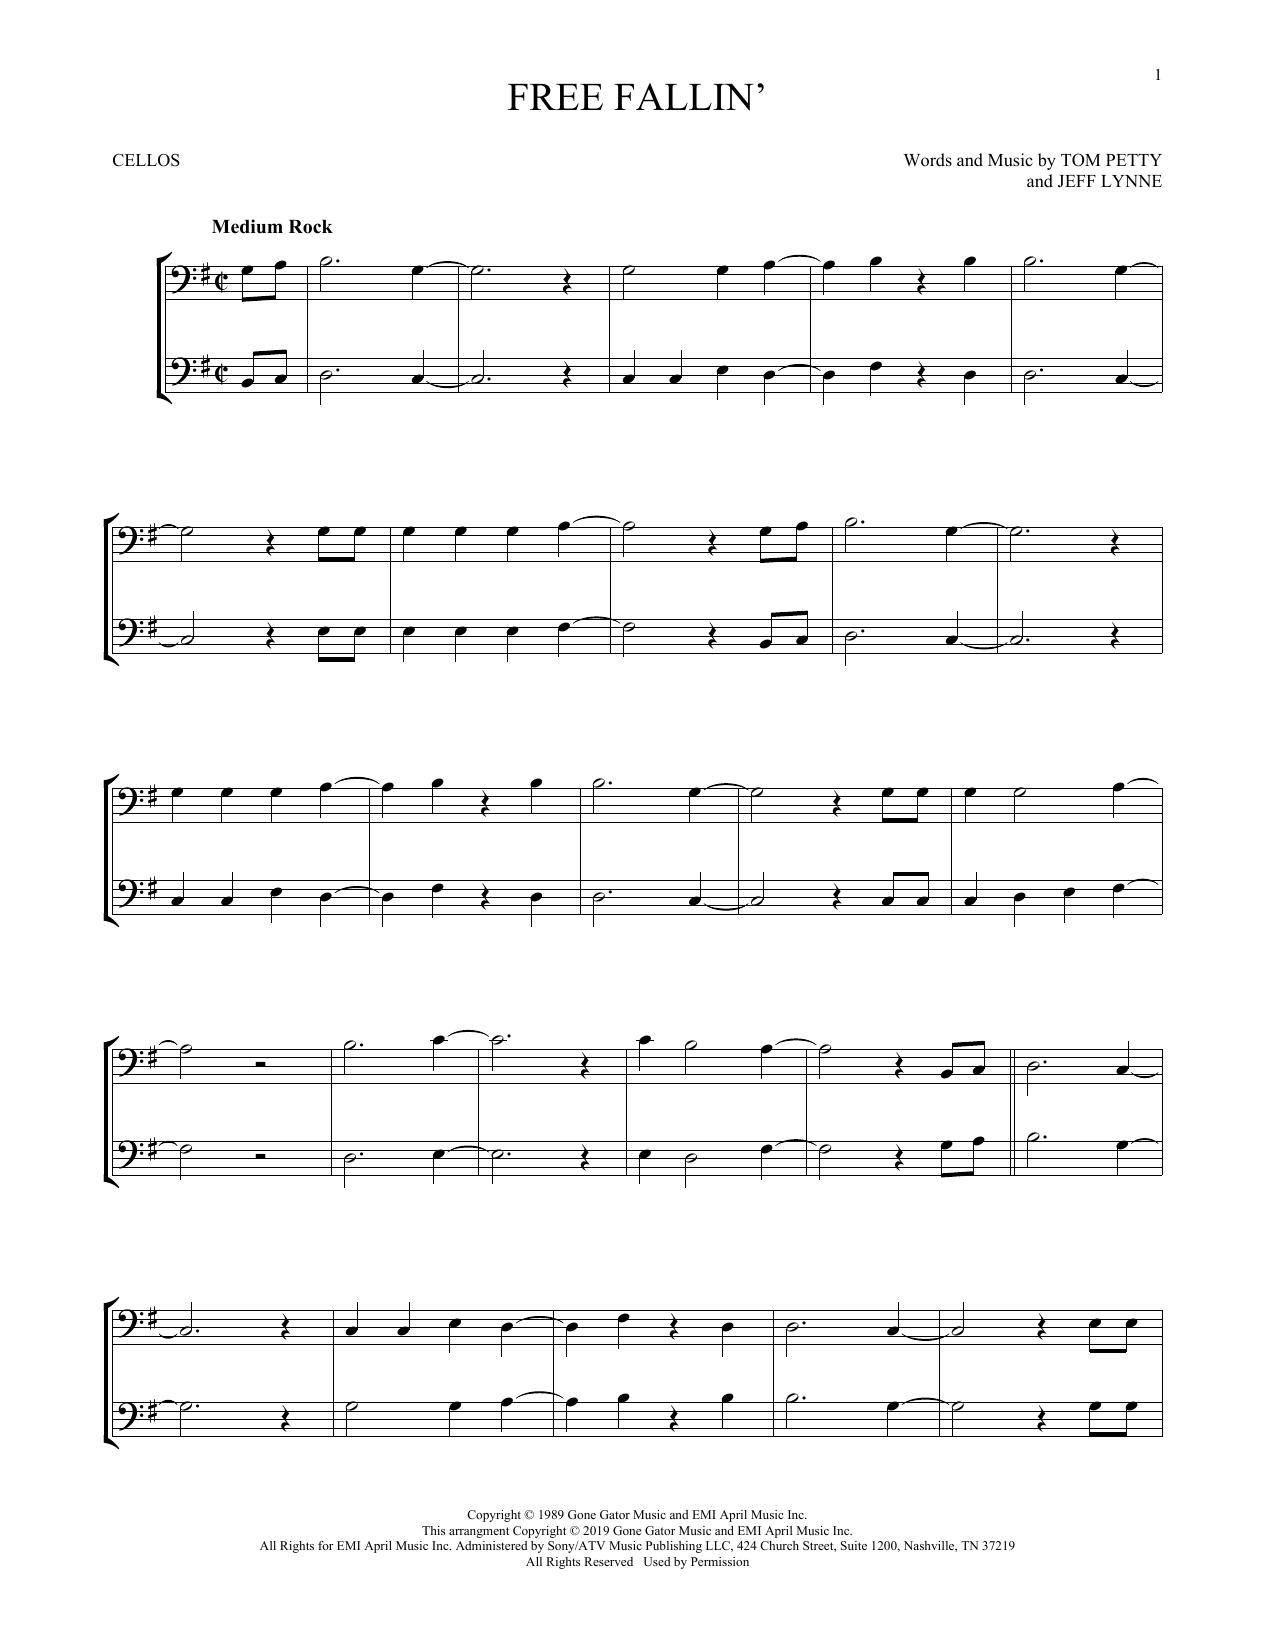 Free Fallin' (Cello Duet)